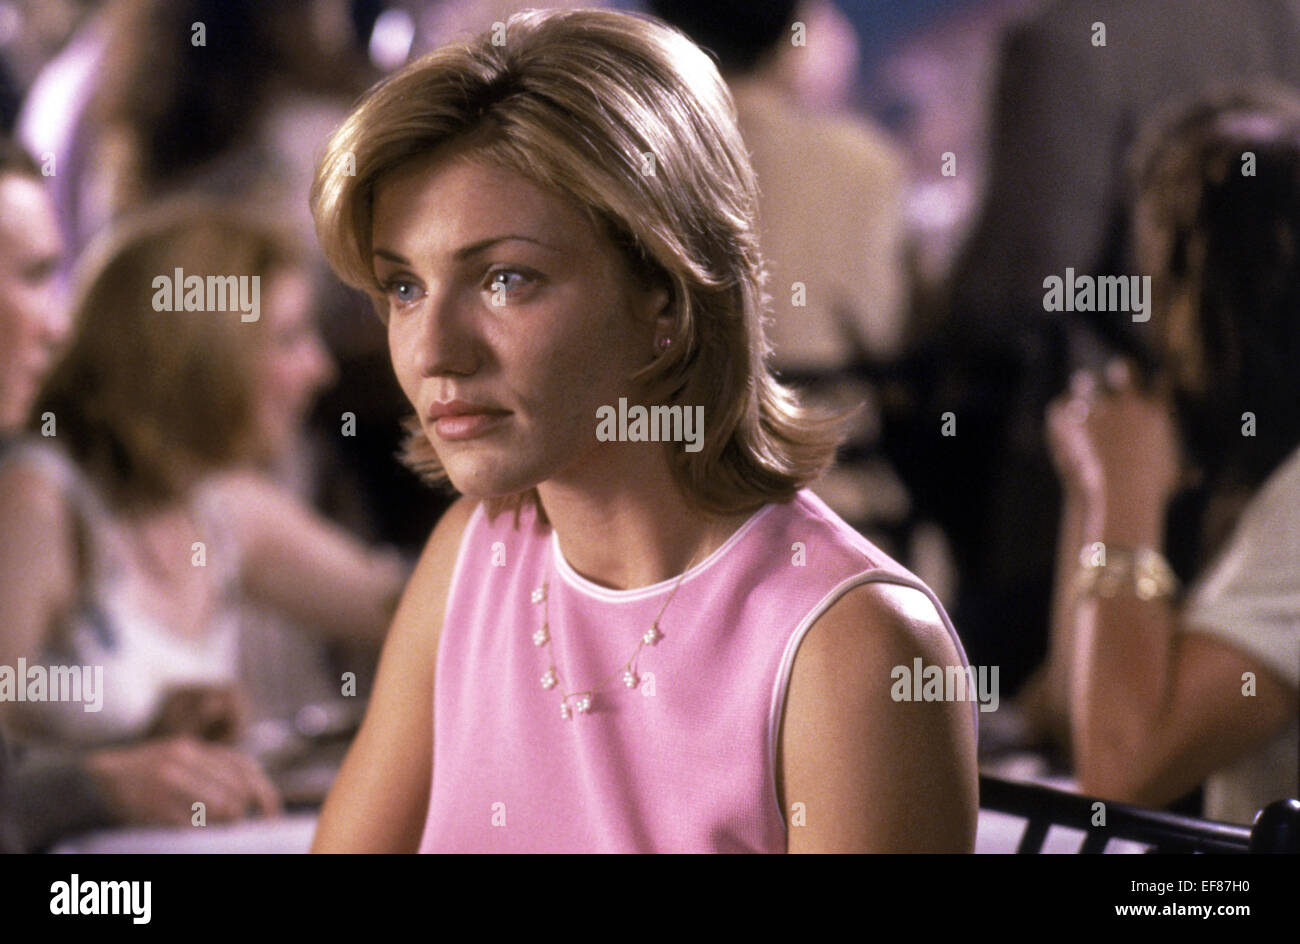 Cameron Diaz My Best Friend S Wedding 1997 Stock Photo Alamy